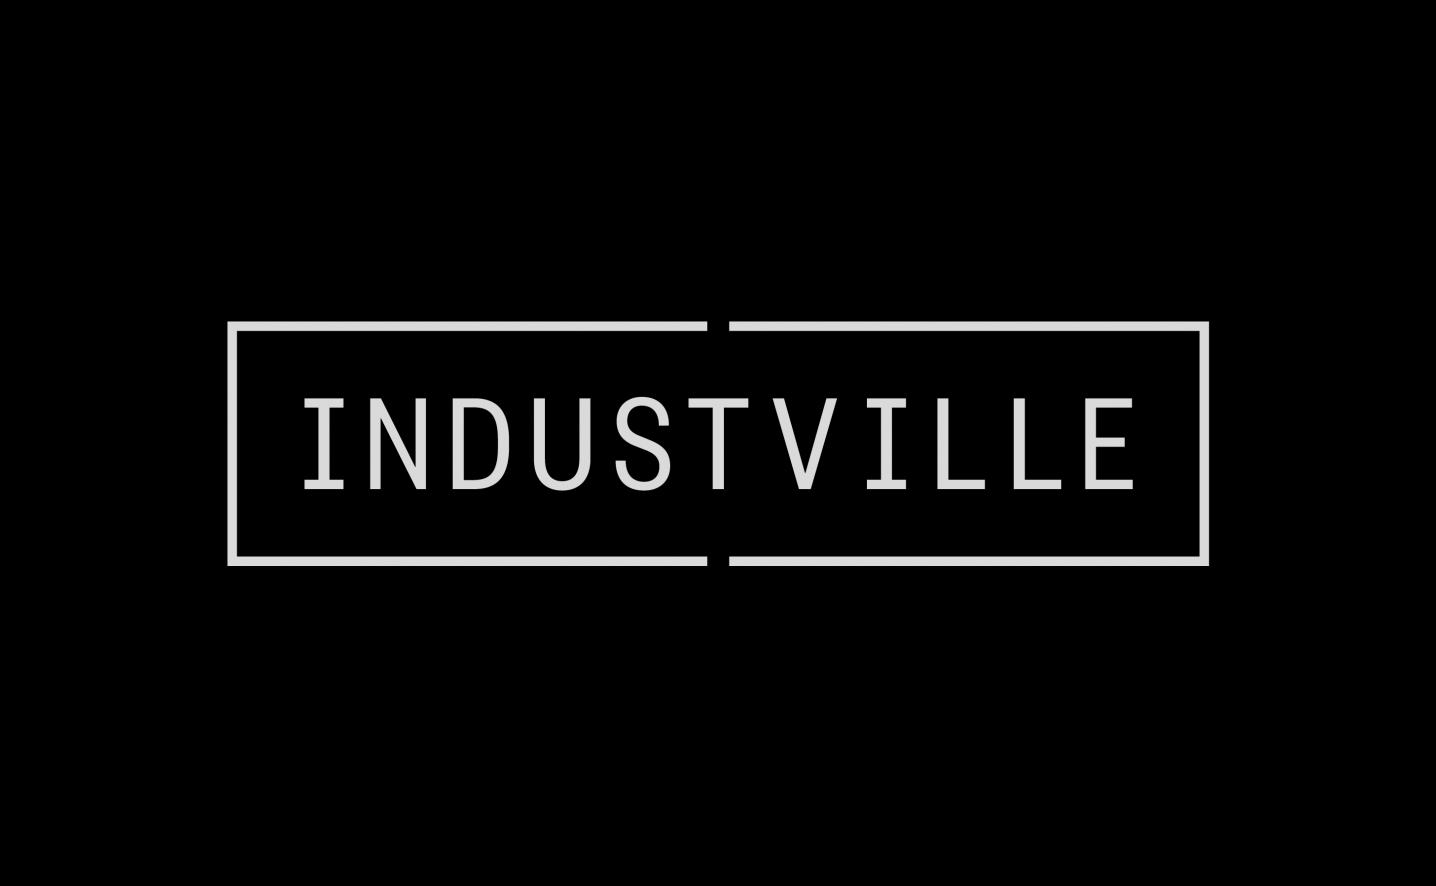 Industville2